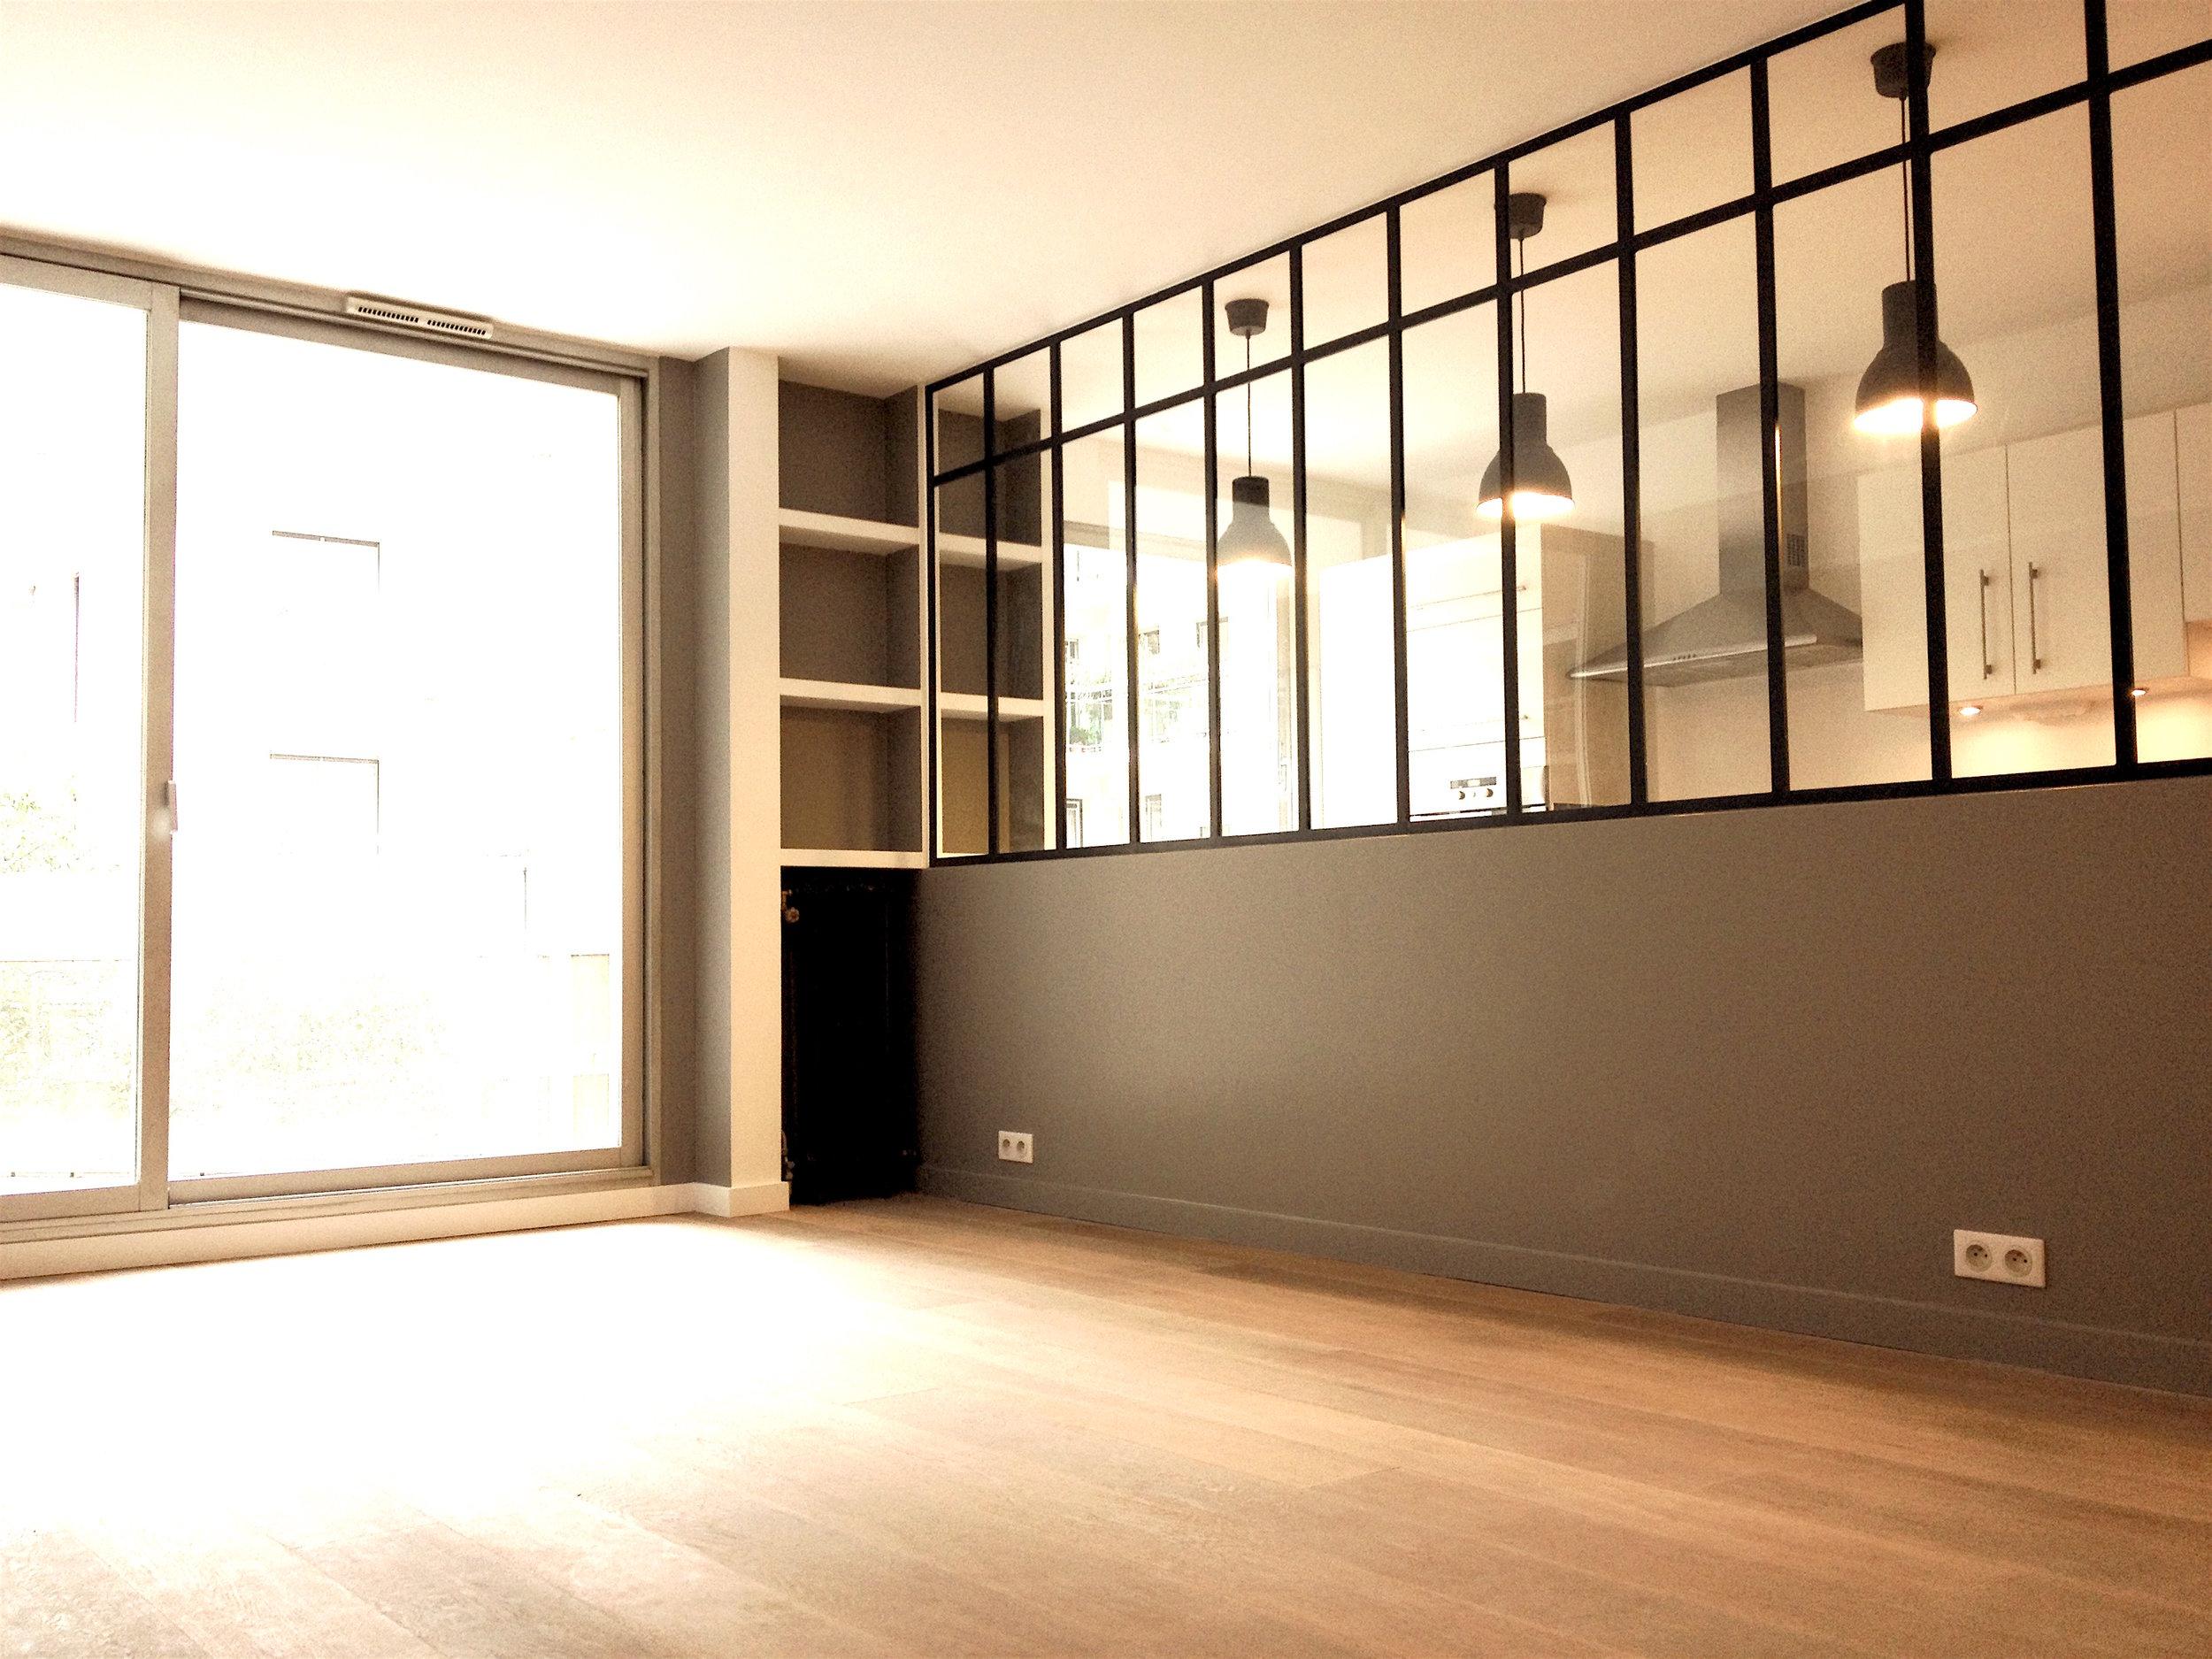 L'idée était d'apporter du style à un appartement familial sans charme d'un immeuble des années 1980.  Grace à une sélection de matériaux de bonne qualité, des éléments architecturaux et de décoration adaptés, le lieu a trouvé une personnalité, une identité qui reflète celle de ses propriétaires.